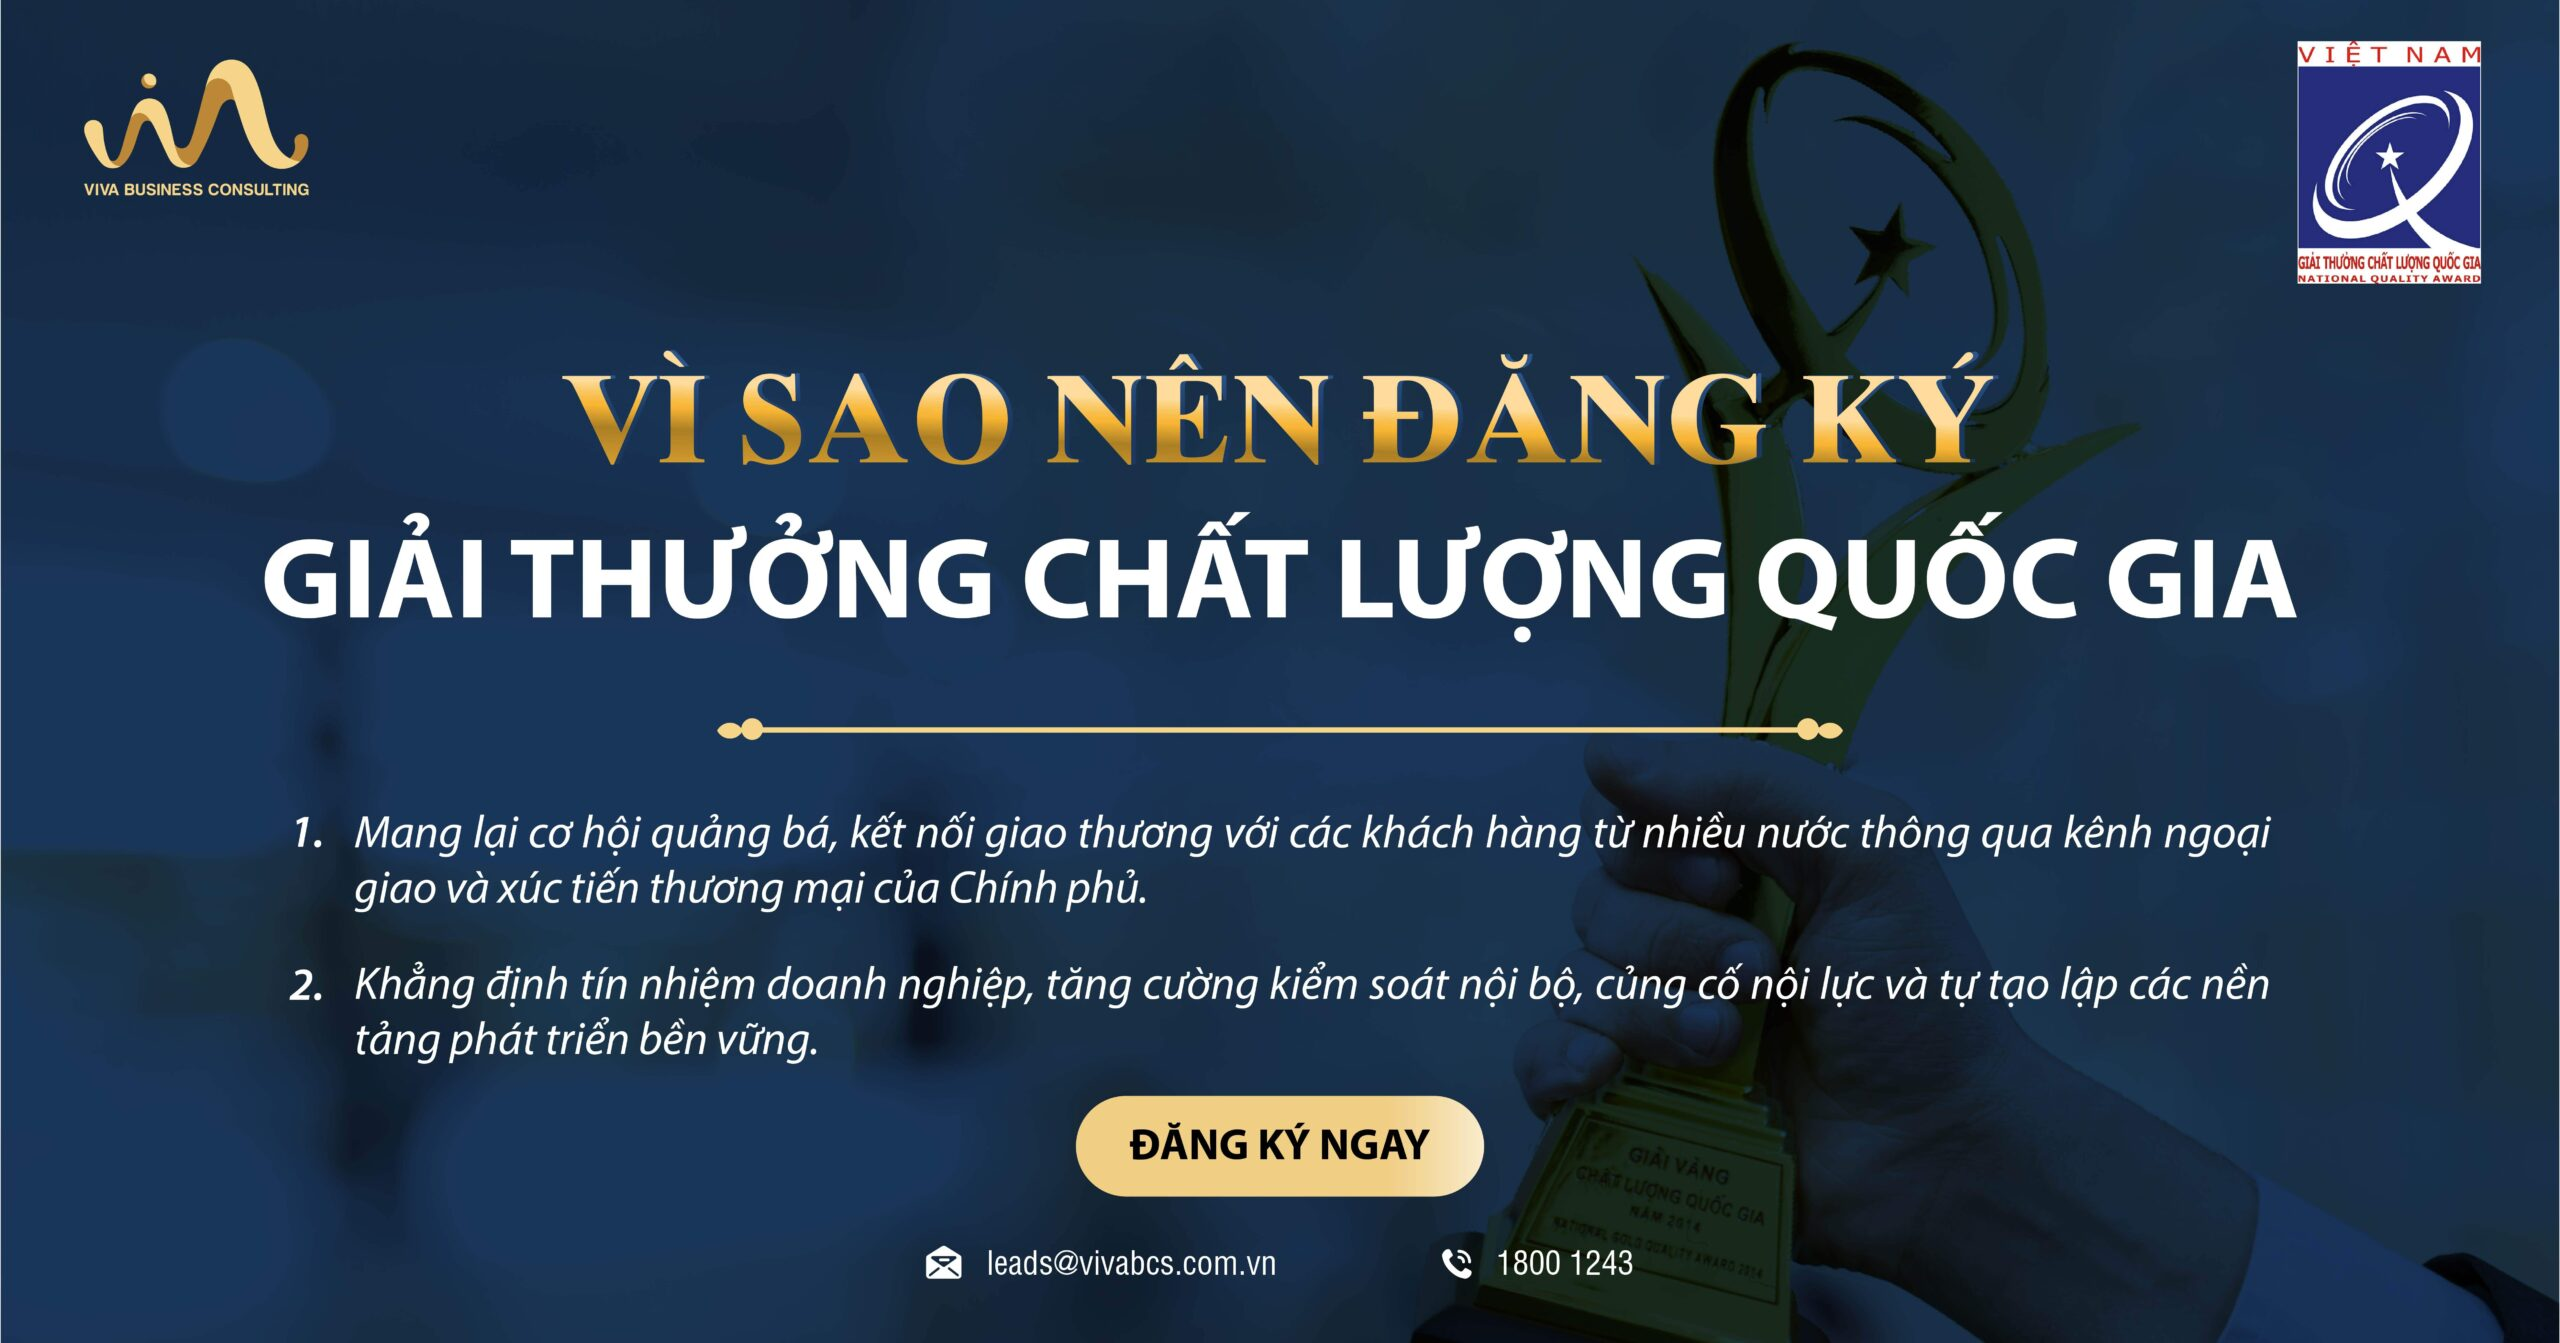 Giải thưởng chất lượng quốc gia Việt Nam 2021